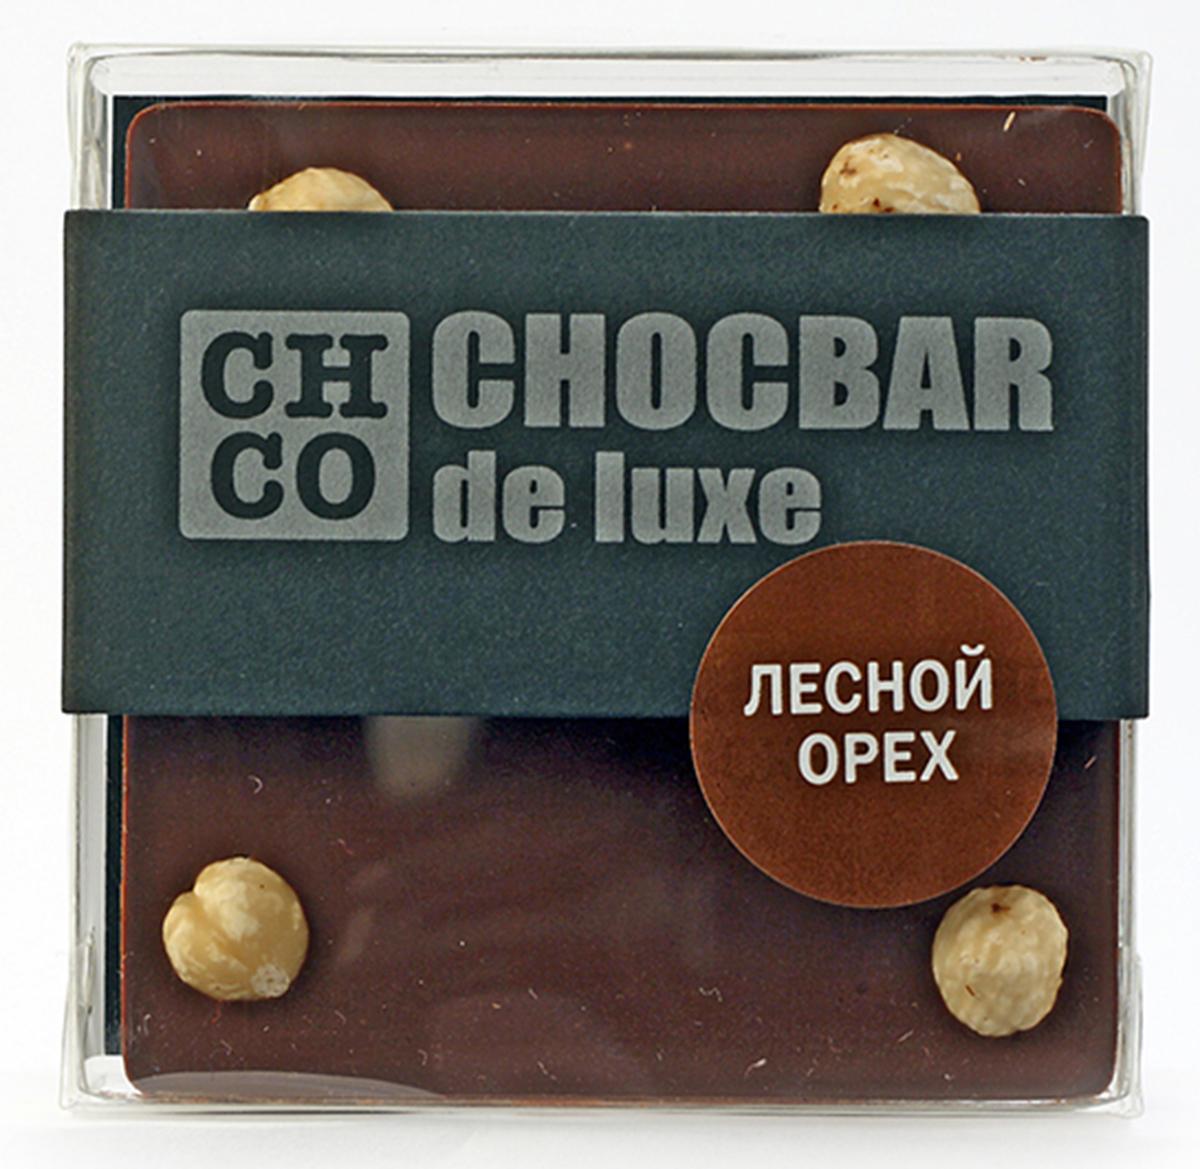 Chco Chocbar De Luxe Dark Лесной орех темный шоколад, 85 г ritter sport цельный лесной орех шоколад темный с цельным обжаренным орехом лещины 100 г